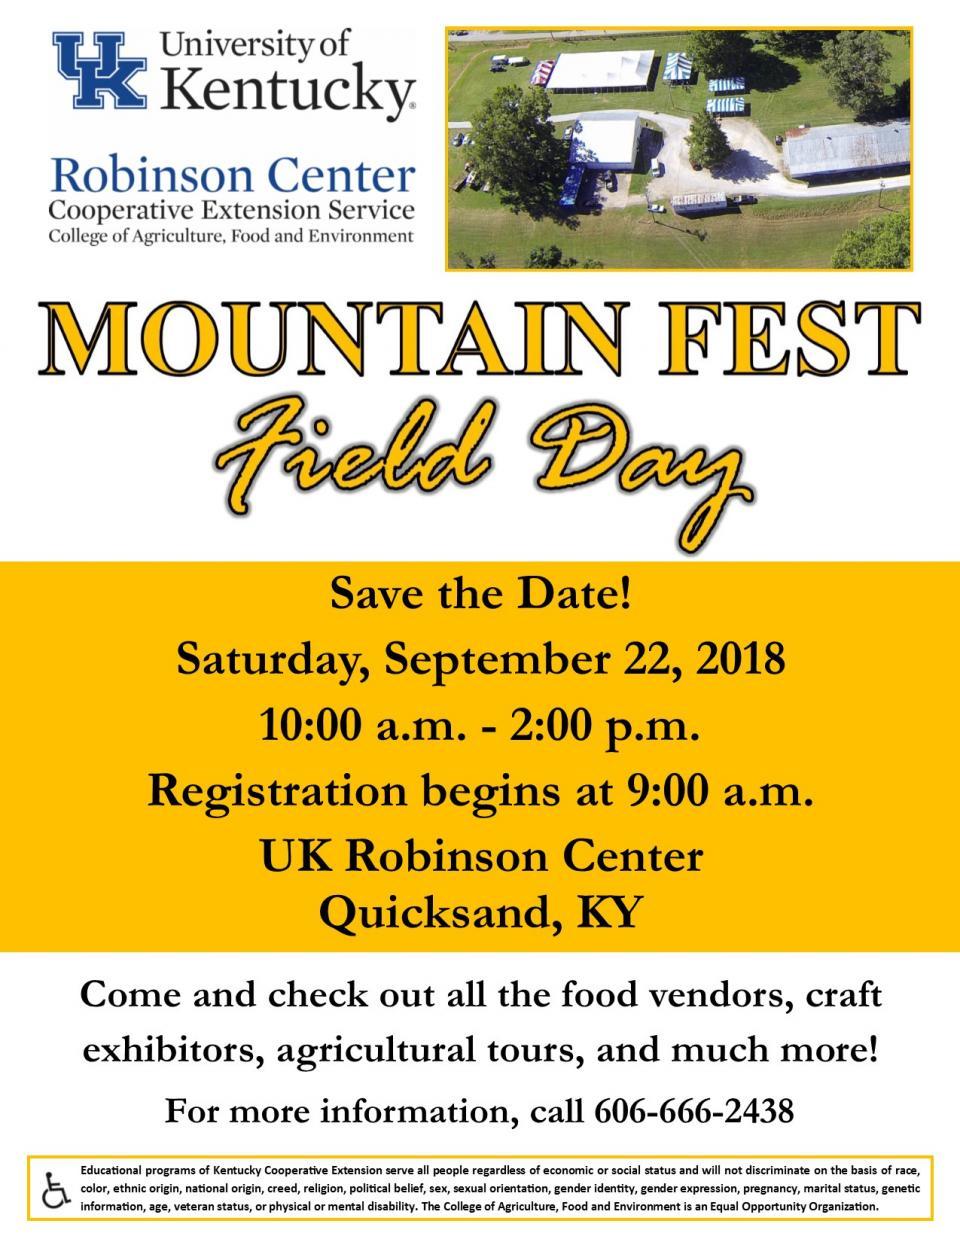 Mountain Fest Field Day Flyer